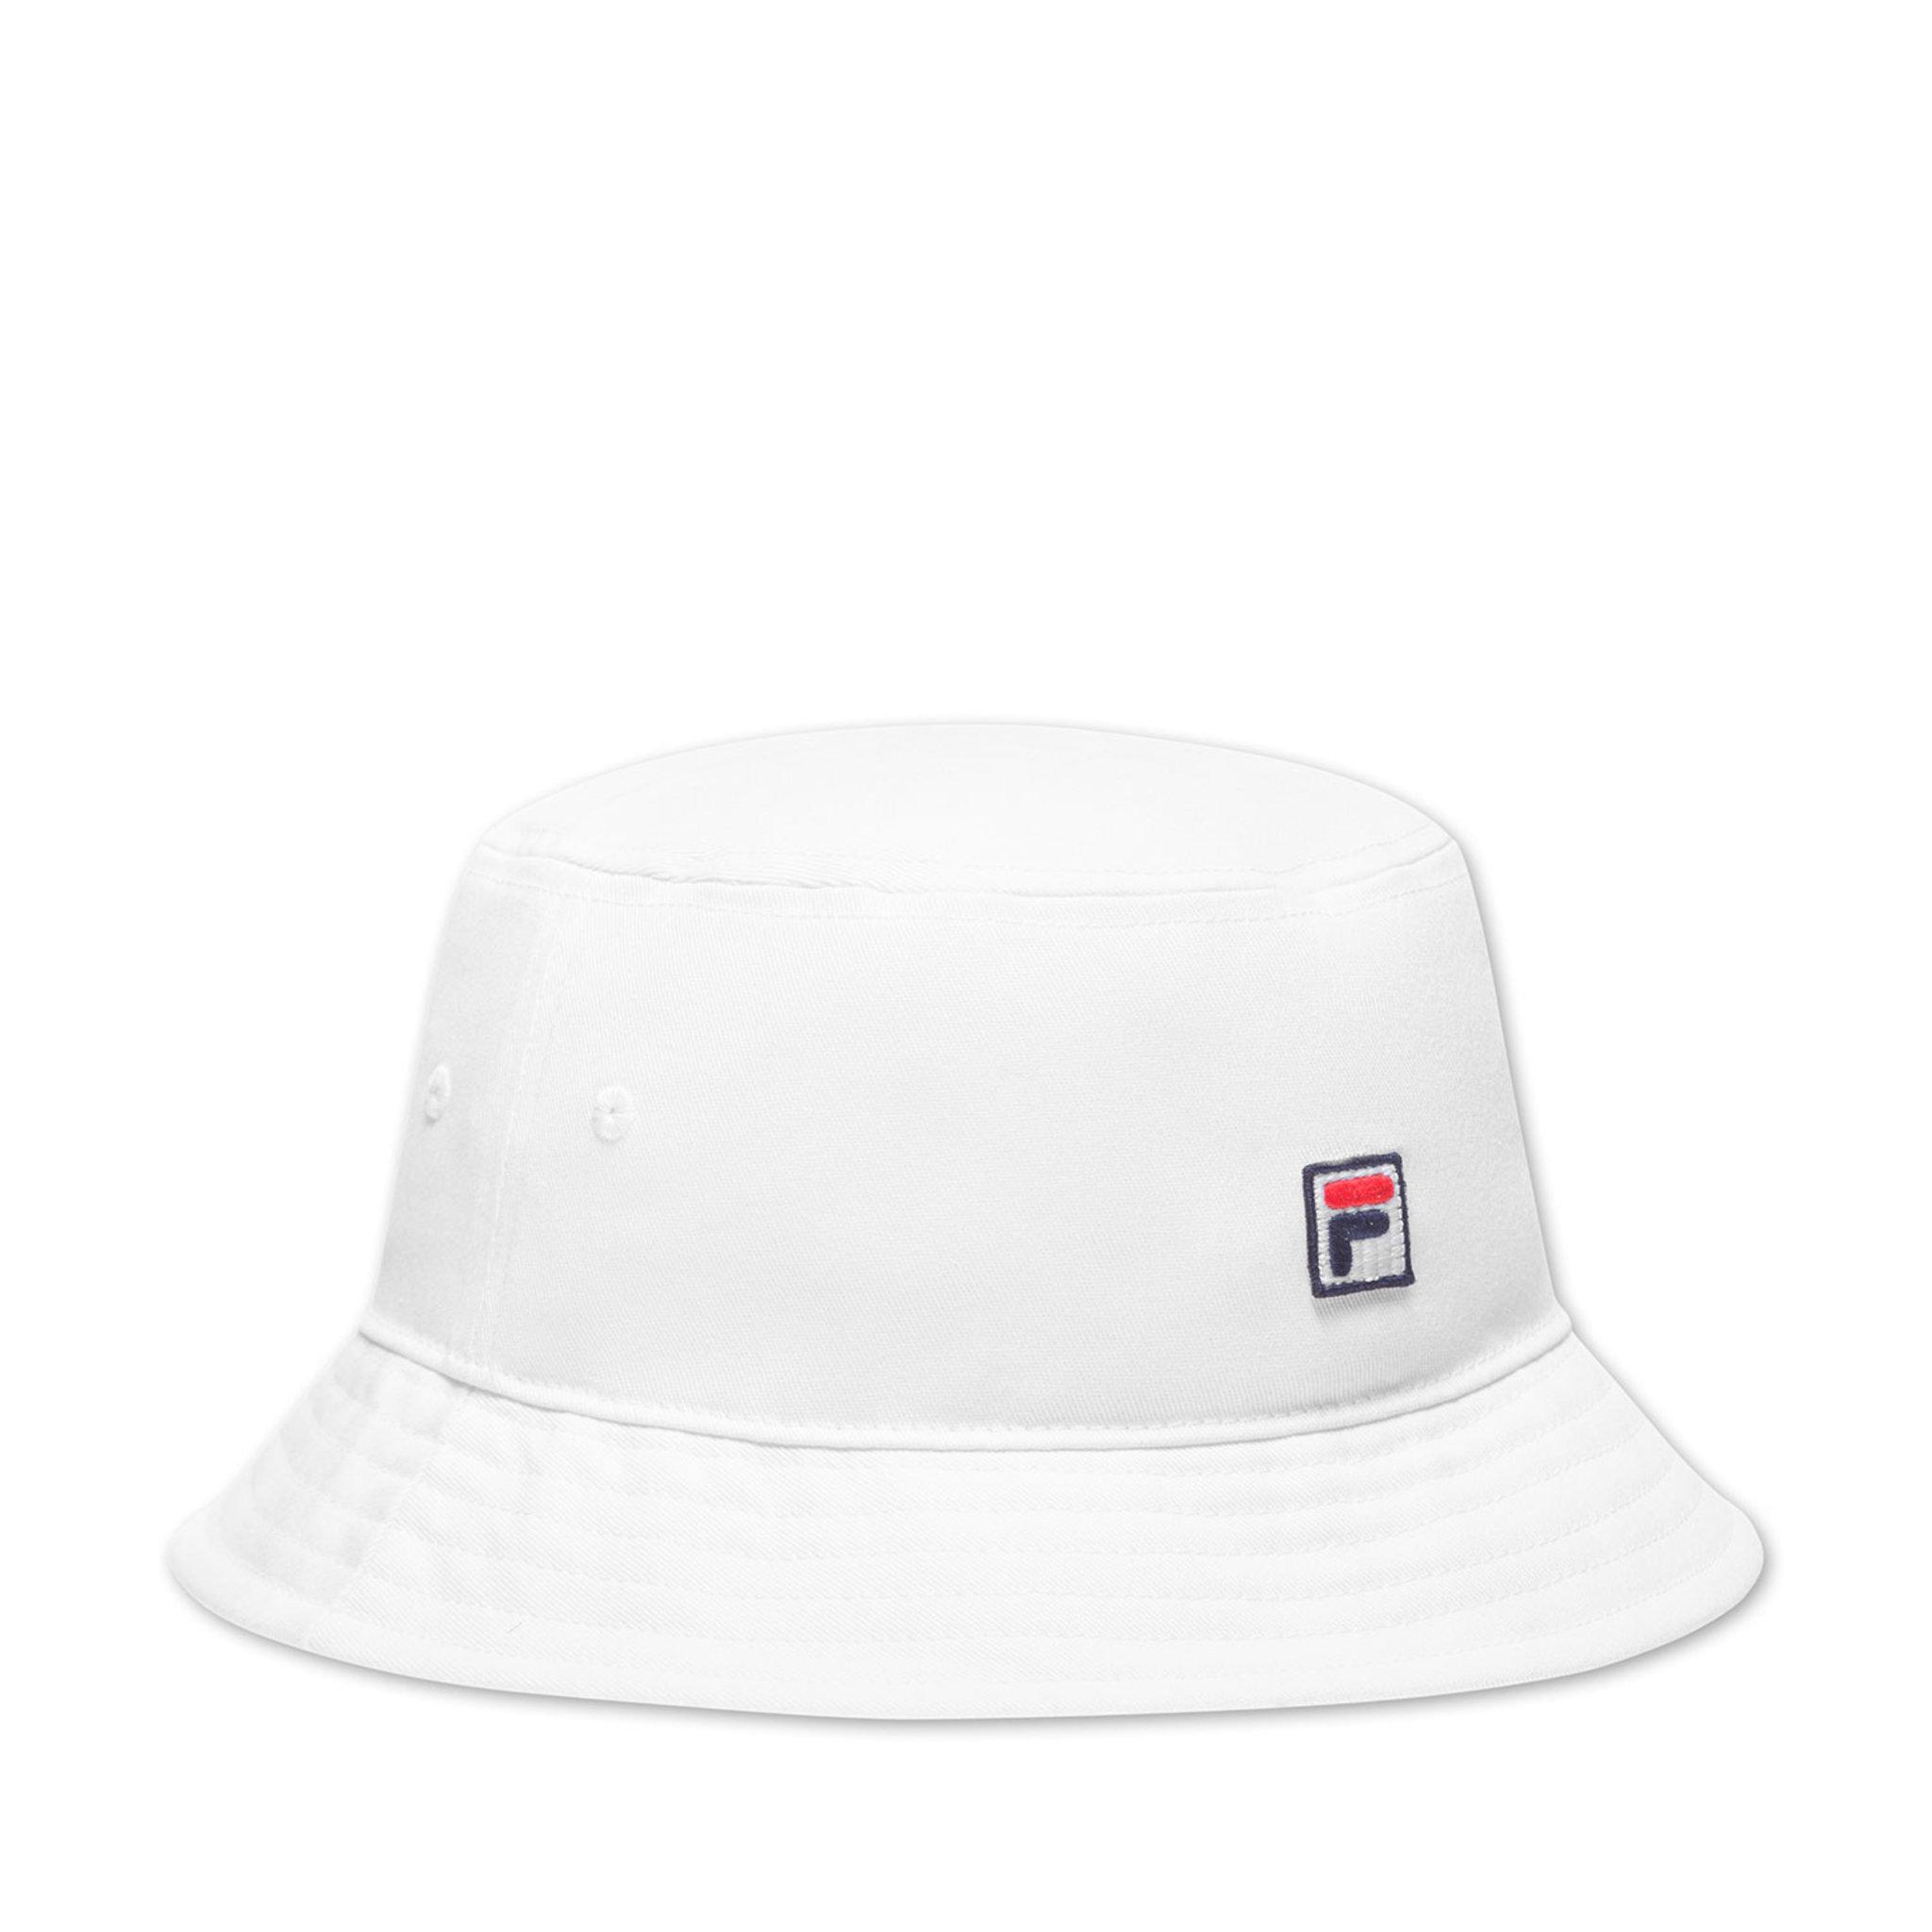 Bucket Hat Flexfit, bright white